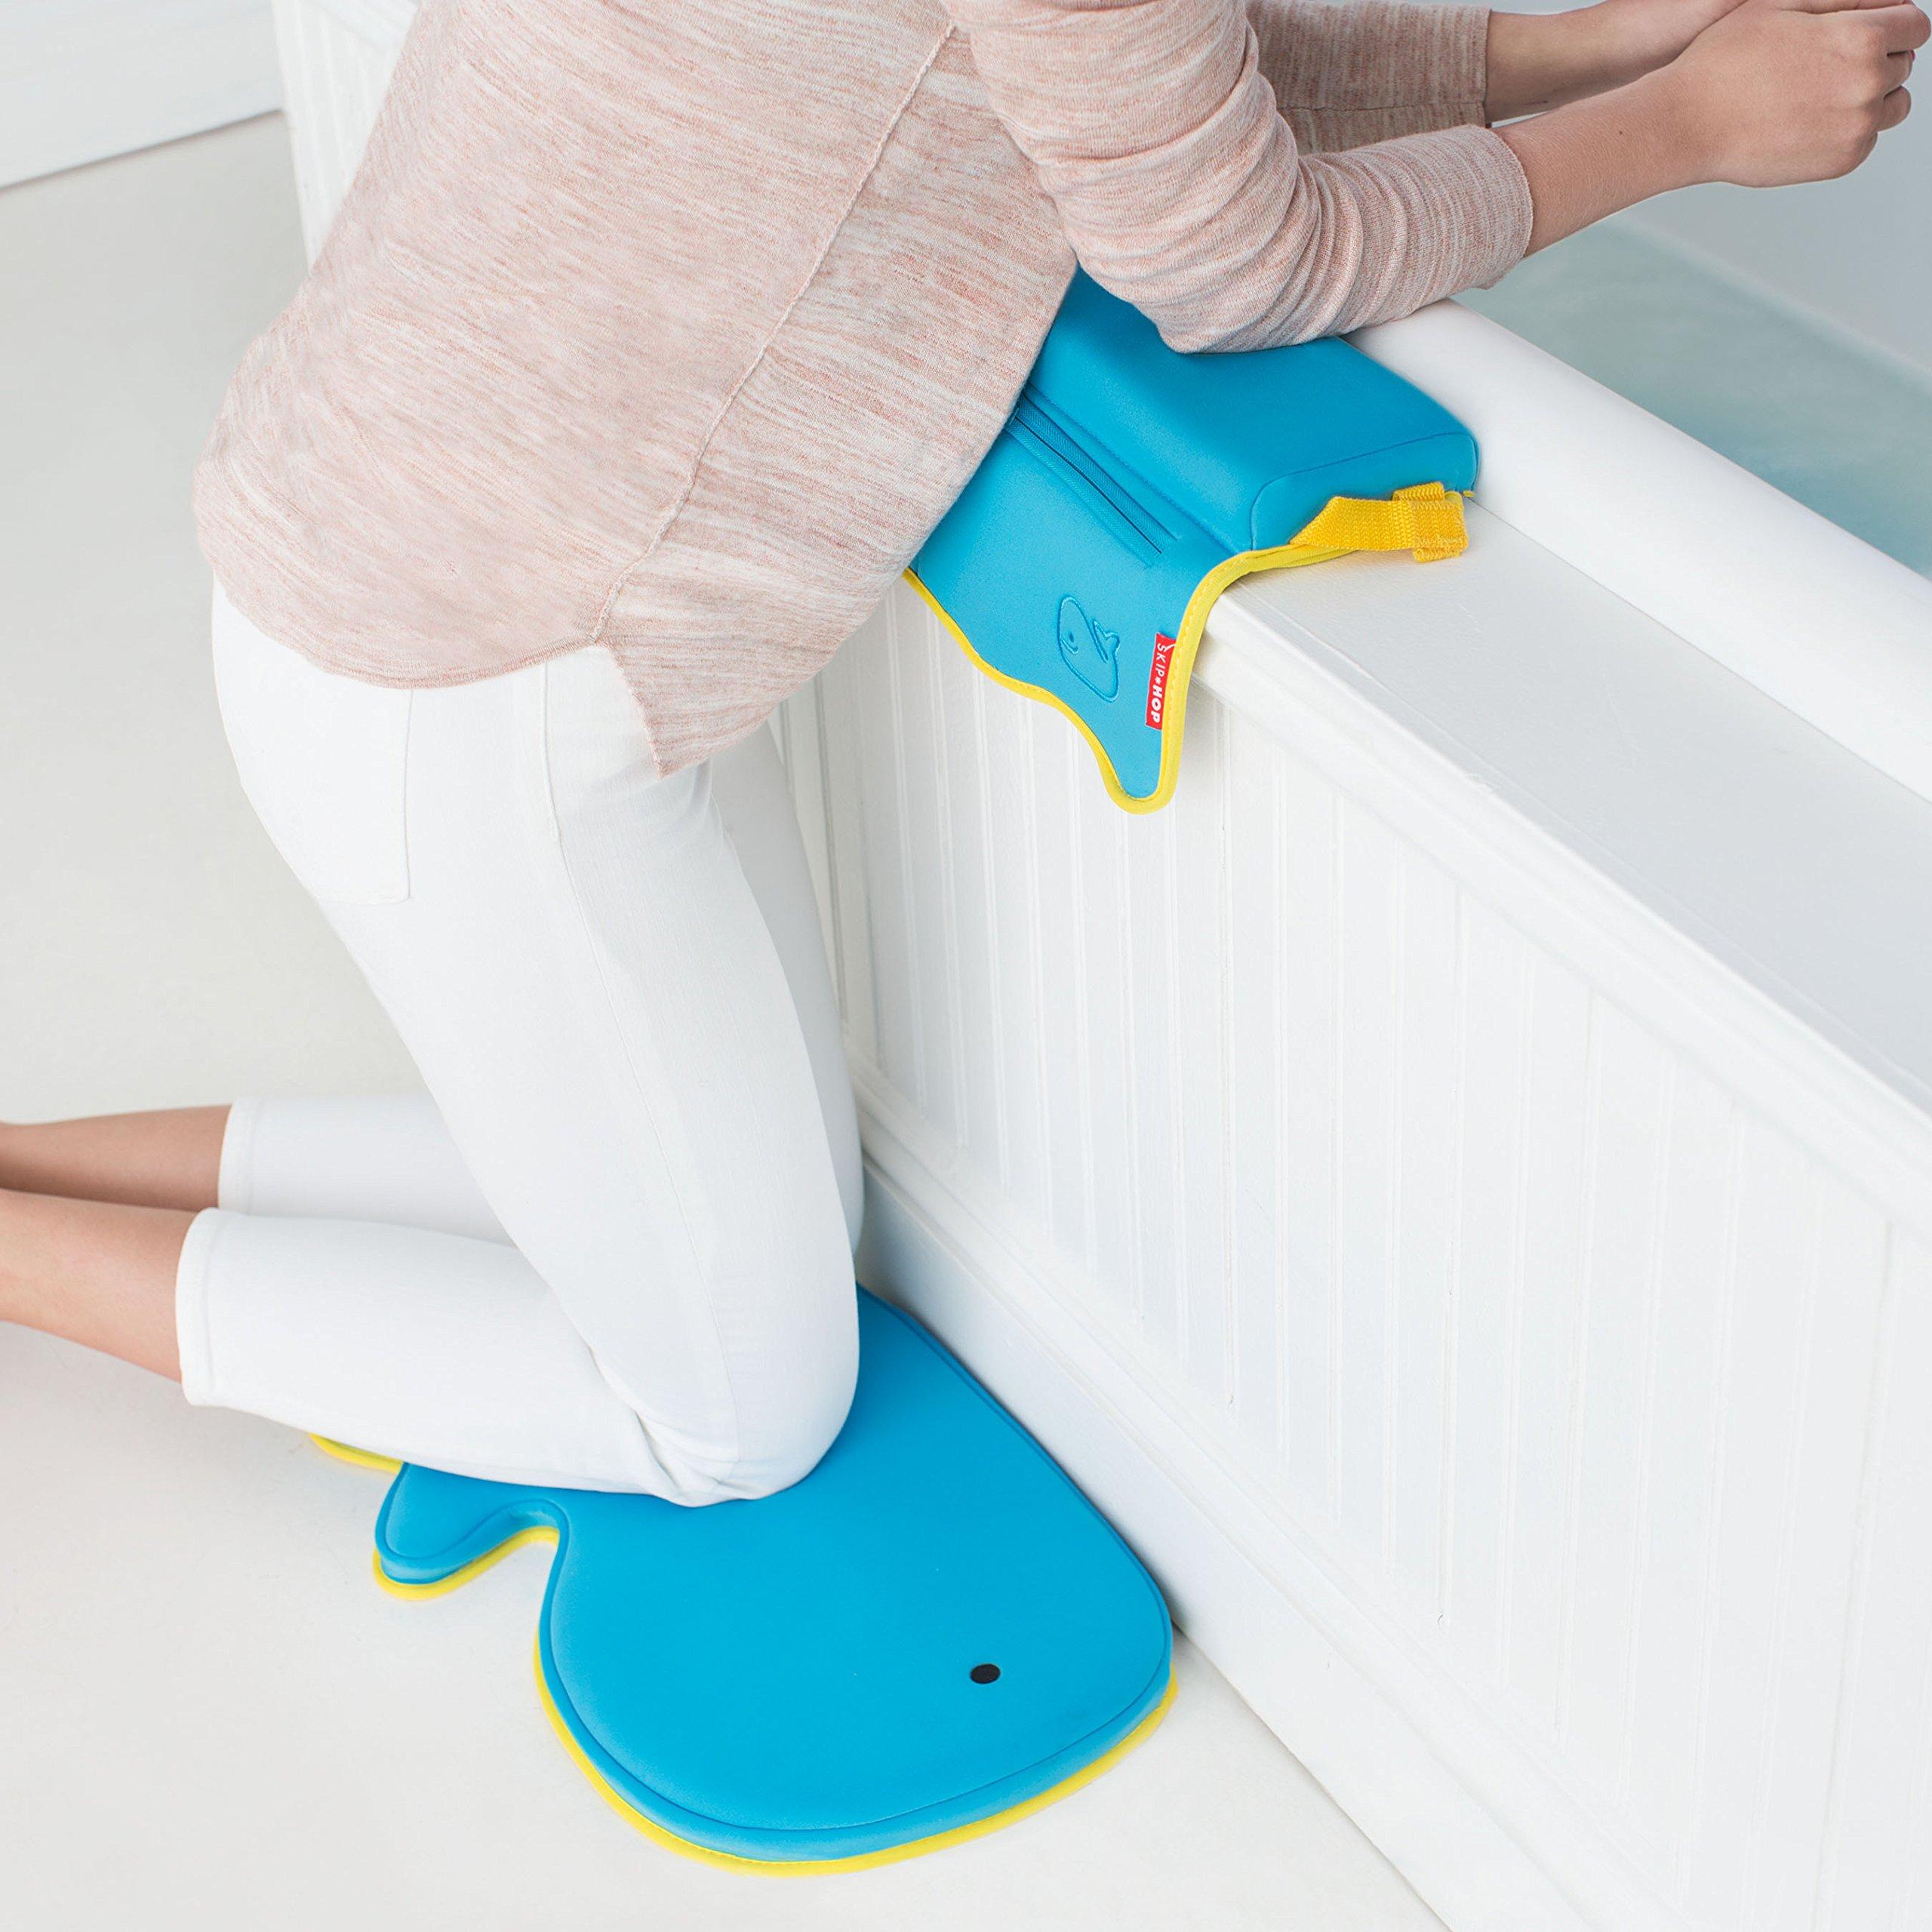 Skip Hop Moby Baby Bath Set, Four Bathtime Essentials - Spout Cover, Bath Kneeler, Elbow Pad, And Bath Mat, Blue by Skip Hop (Image #6)